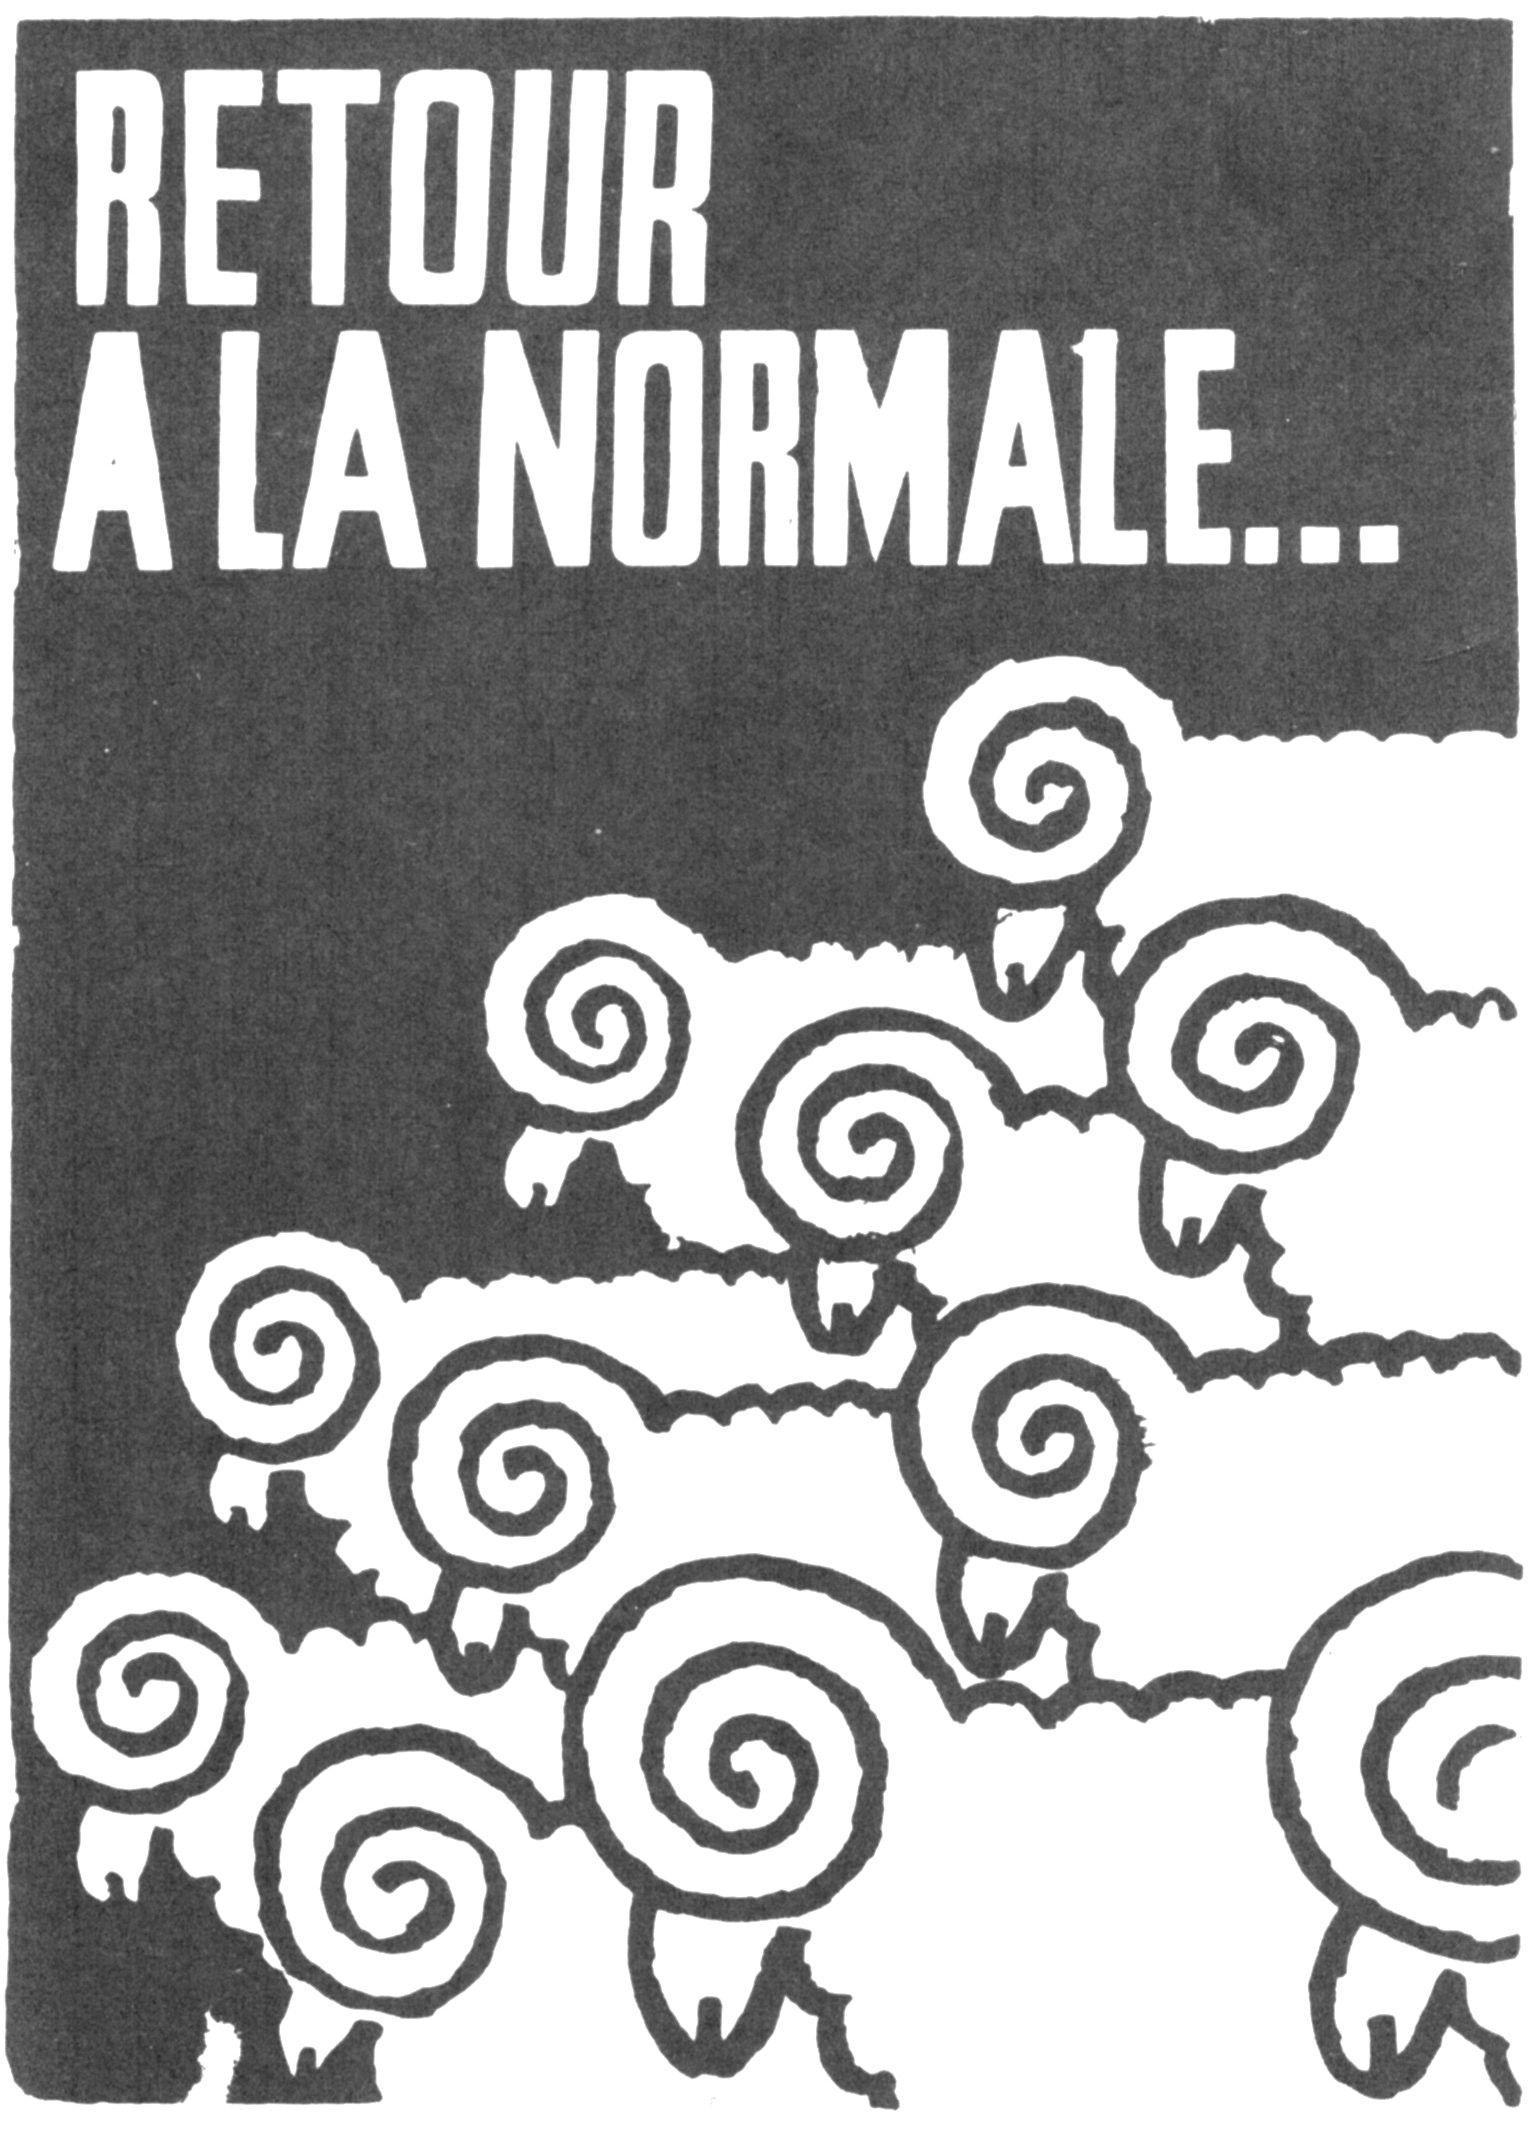 L'Atelier Populaire, 1968. Retour à la Normale